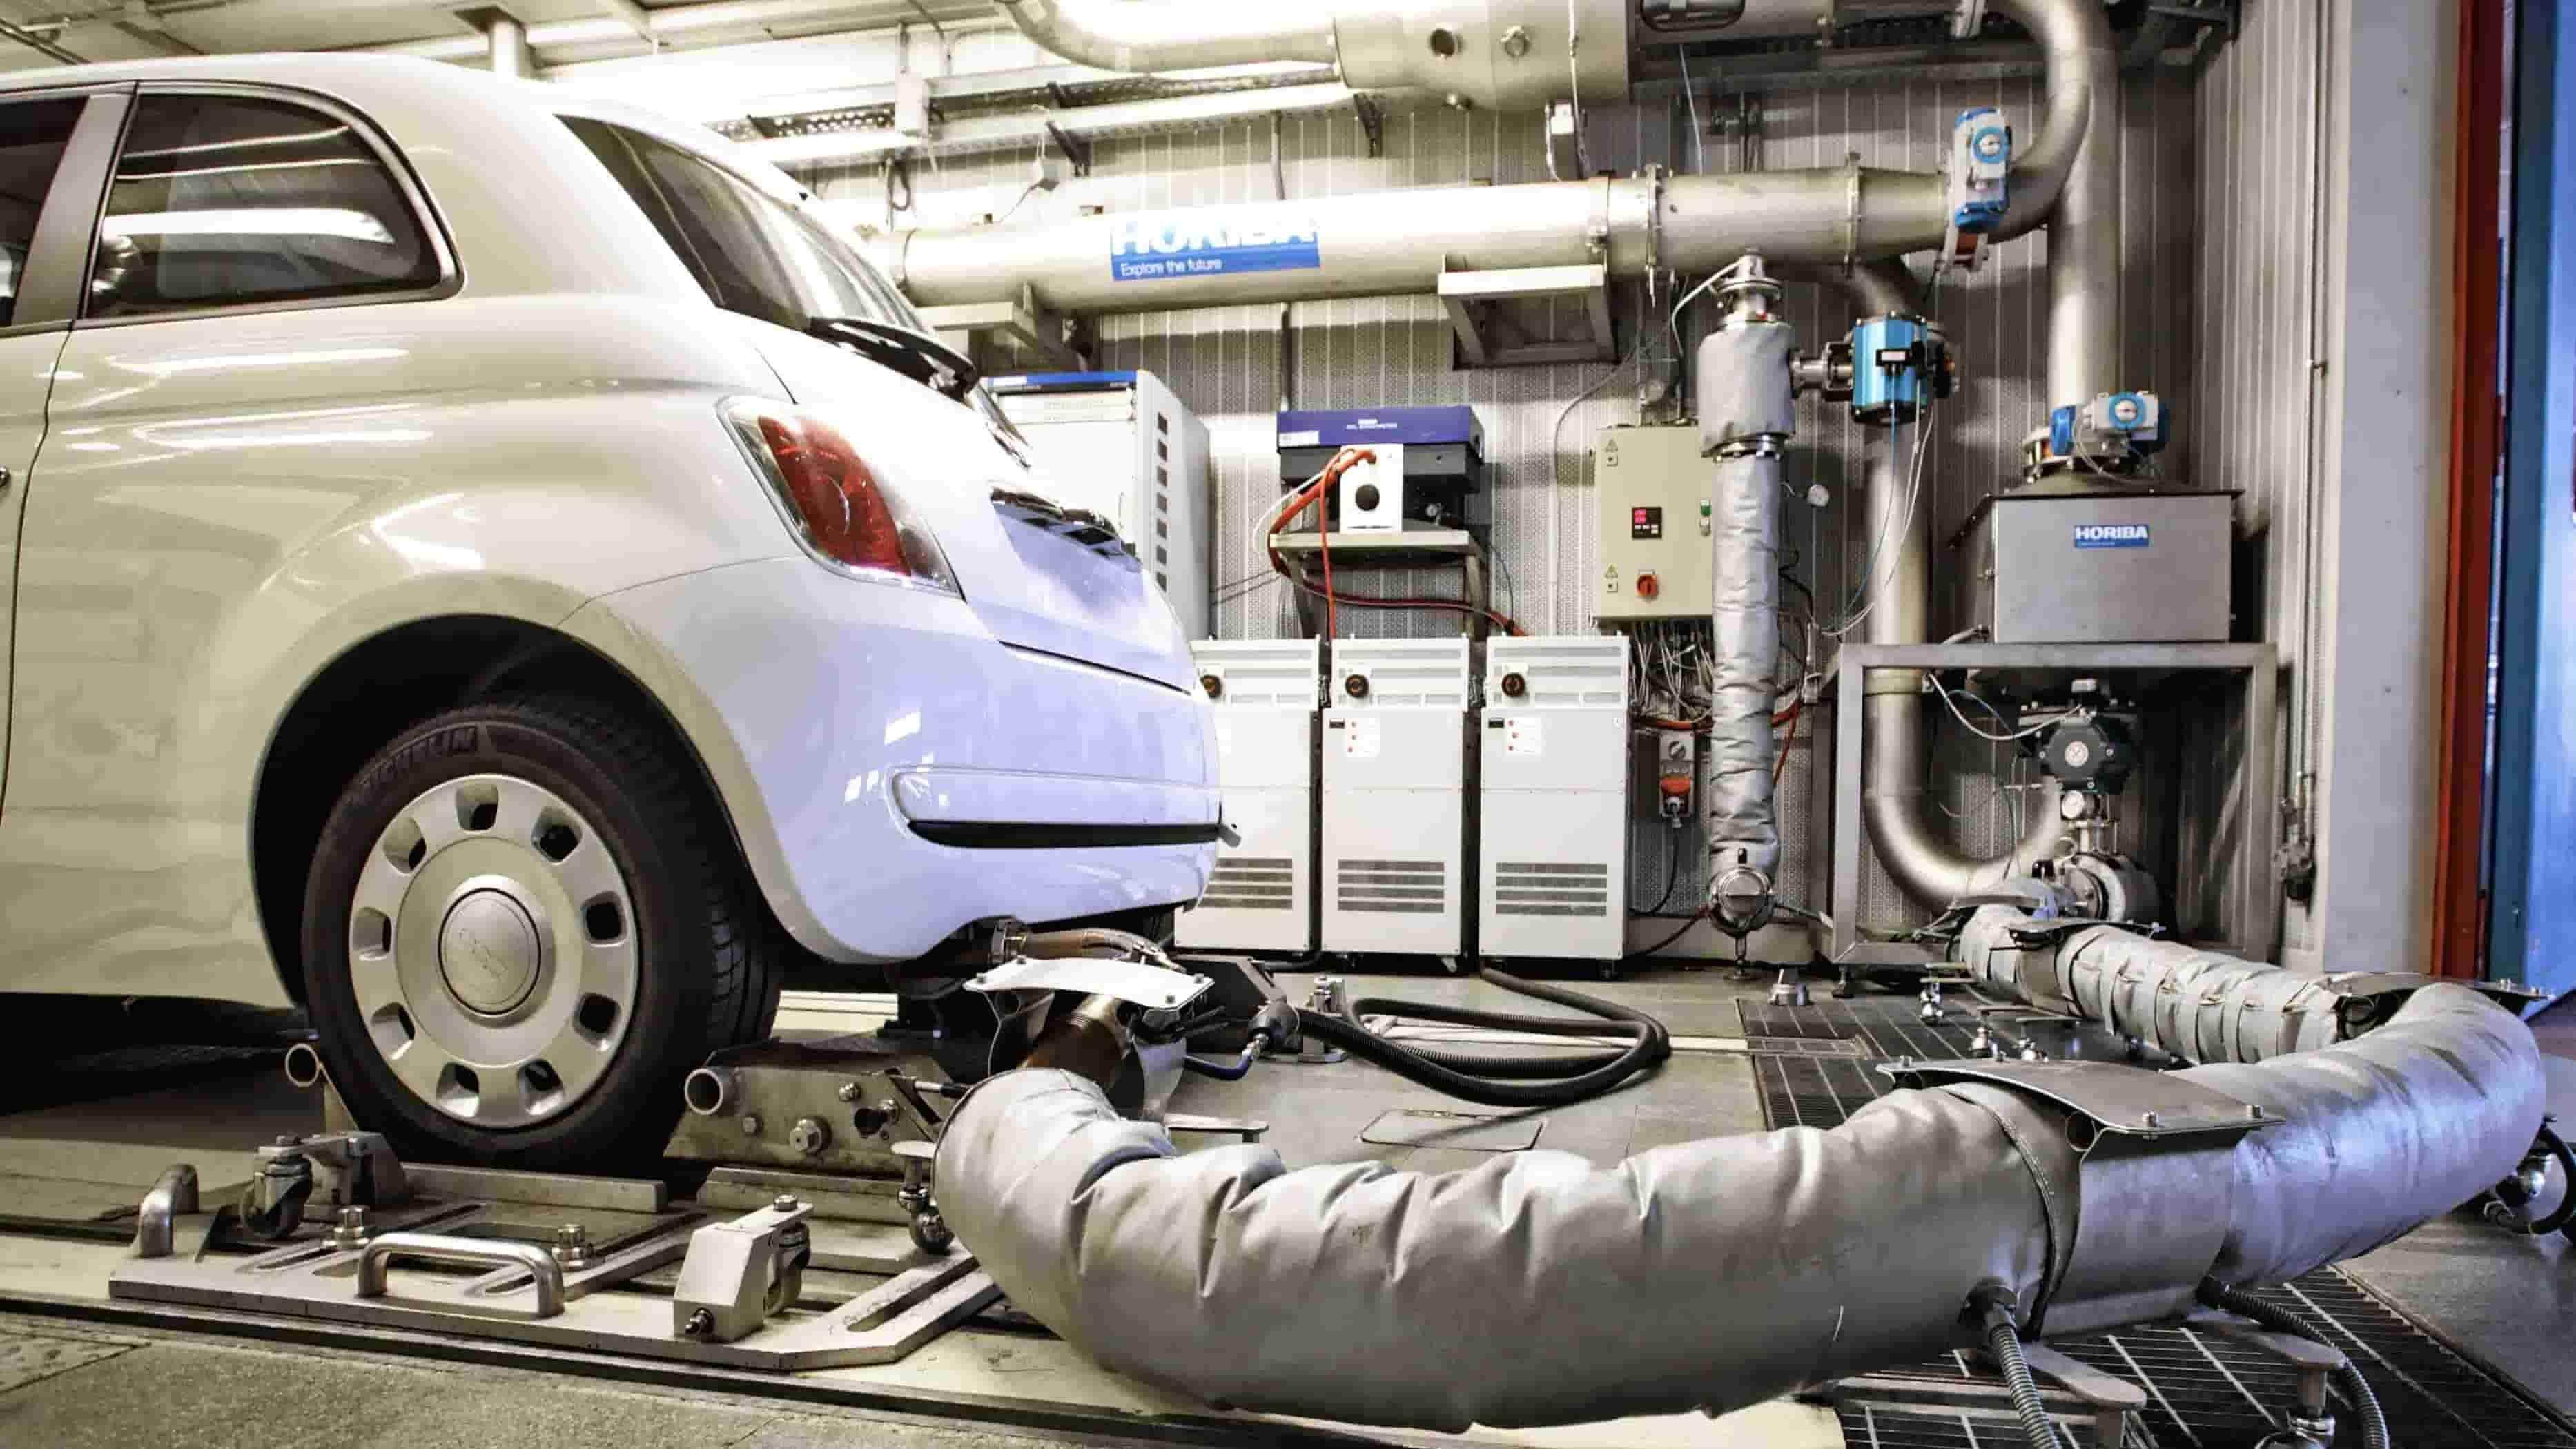 Pegasor_pienhiukkasmittauksella vähempipäästöisiä autoja_16x9(1)